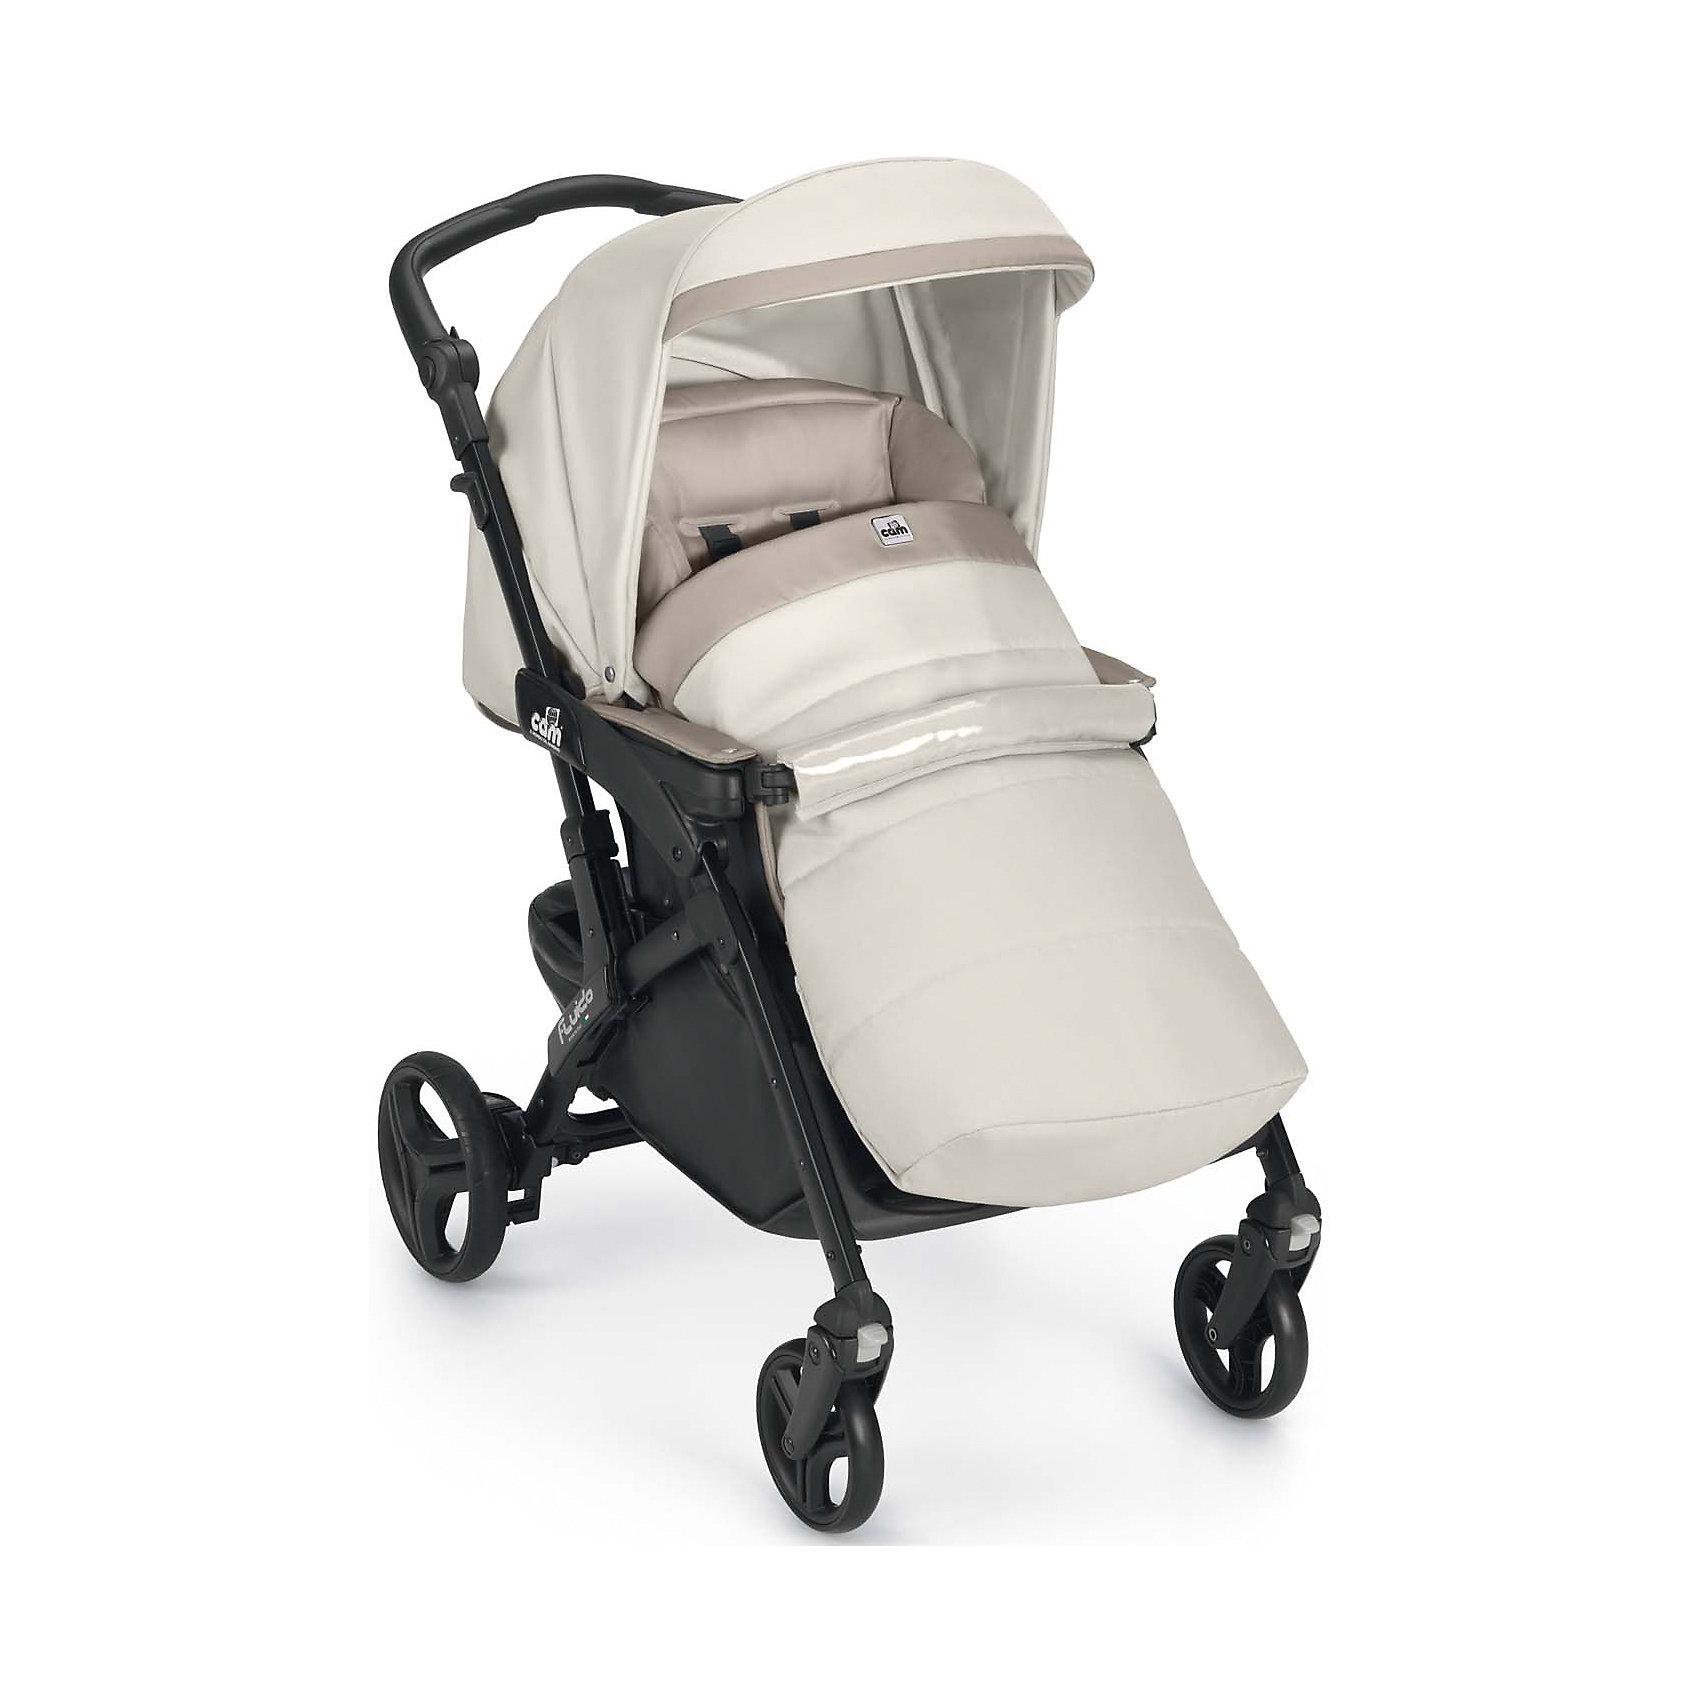 Прогулочная коляска CAM Fluido Allegria, молочный/бежевыйКоляски<br>Характеристики:<br><br>Прогулочный блок:<br><br>• регулируемая спинка: 4 положения вплоть до горизонтального;<br>• регулируемая подножка: 2 положения;<br>• 5-ти точечные ремни безопасности;<br>• имеются подлокотники;<br>• съемный бампер;<br>• реверсивный прогулочный блок;<br>• капюшон оснащен солнцезащитным козырьком;<br>• утепленный чехол на ножки;<br>• ширина спального места: 35 см;<br>• вес прогулочного блока: 10,3 кг;<br>• материал: пластик, полиэстер, колеса - полиуретан.<br><br>Шасси:<br><br>• передние поворотные колеса с функцией блокировки;<br>• амортизация;<br>• ножной тормоз;<br>• регулируемая по высоте ручка коляски, 3 положения;<br>• корзина для покупок;<br>• материал рамы: алюминий;<br>• механизм складывания коляски: книжка;<br>• подножка-упор для вертикального положения коляски в сложенном виде;<br>• ручка для транспортировки коляски в сложенном виде.<br><br>Размеры:<br><br>• размер коляски: 84х56х101 см;<br>• размер коляски в сложенном виде: 56х26х82 см;<br>• высота ручки: 95-112 см;<br>• вес коляски: 7,2 кг;<br>• диаметр колес: 14,5 см, 17,5 см.<br><br>Прогулочная коляска с регулируемым наклоном спинки и регулируемым положением подножки позволяет разложить спинку вплоть до горизонтального положения и поднять подножку, удлиняя тем самым спальное место. Чехол на ножки согревает малыша в холодное время, позволяя совершать прогулки даже в зимнюю пору. Регулируемая по высоте ручка коляски и возможность установить прогулочный блок как лицом к маме, так и лицом к окружающему миру позволяет выбрать оптимальное положение во время прогулок с малышом.  <br><br>Прогулочную коляску Fluido Allegria, молочный/бежевый, CAM можно купить в нашем интернет-магазине.<br><br>Ширина мм: 512<br>Глубина мм: 325<br>Высота мм: 810<br>Вес г: 8800<br>Возраст от месяцев: 0<br>Возраст до месяцев: 36<br>Пол: Унисекс<br>Возраст: Детский<br>SKU: 6725568